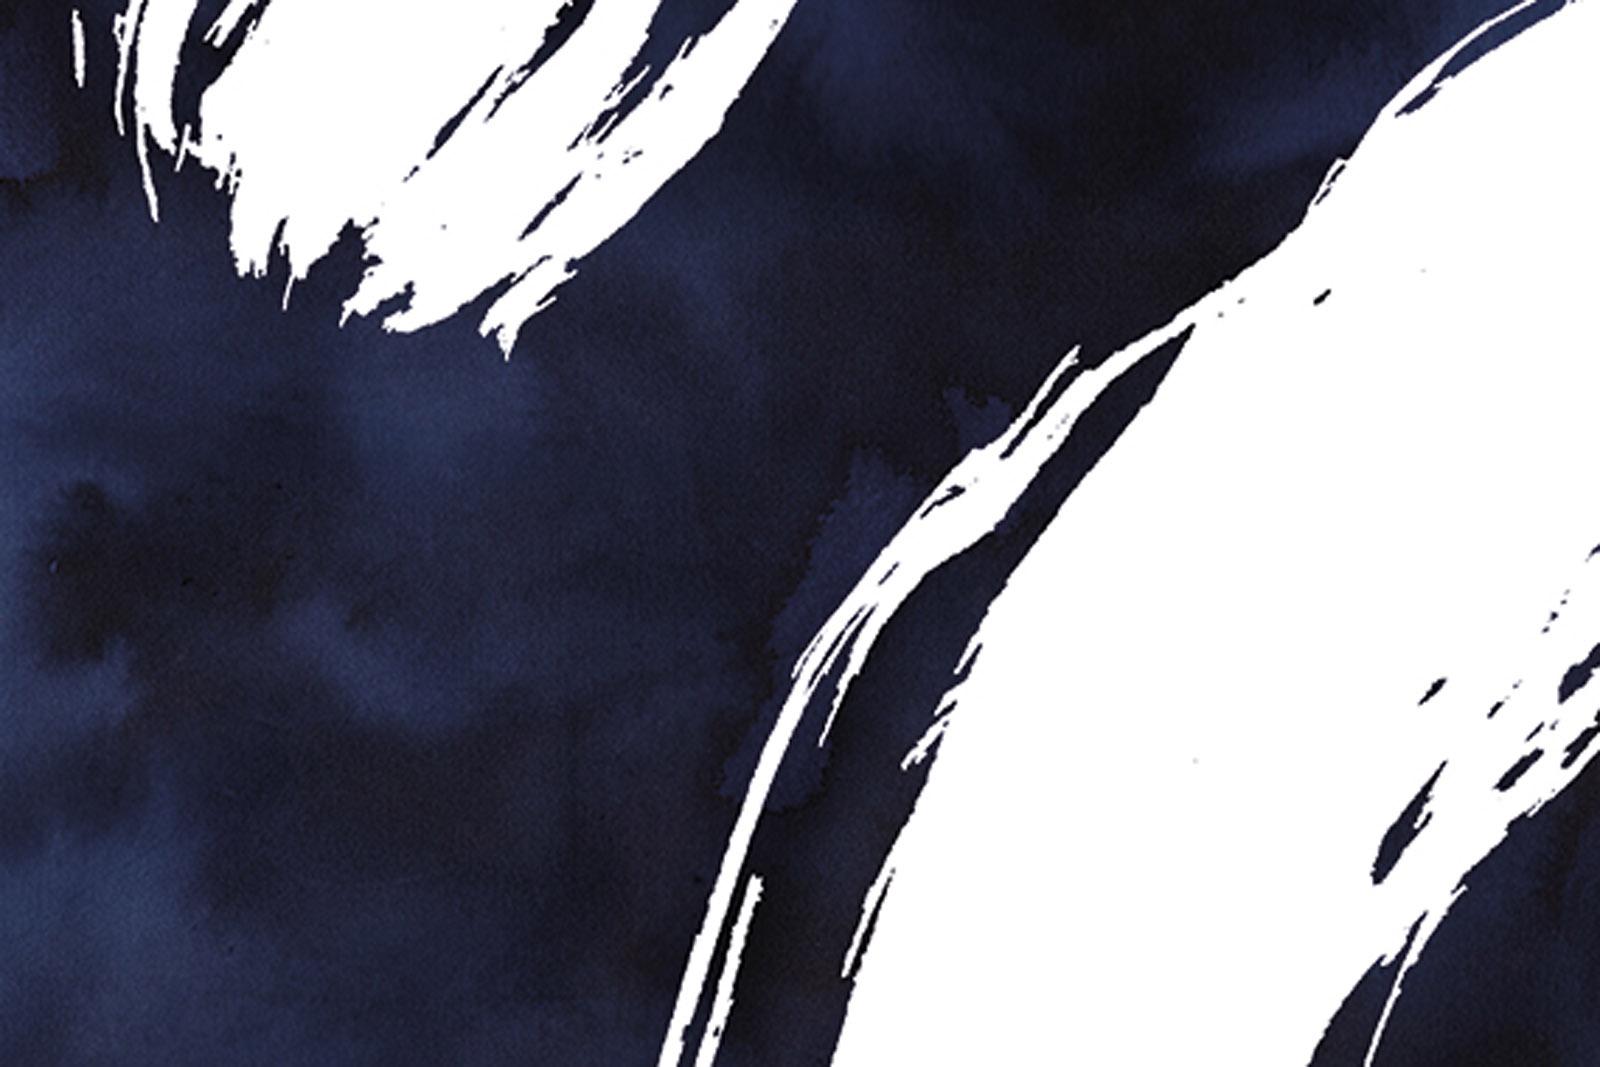 f7c34622ef0841 【本物保証】 THE POSTER CLUB × MIJO studio ポスター/アートプリント 50×70cm Midnight【イラスト  インテリア 北欧雑貨 おしゃれ 壁掛け 絵画 パネル モダン ...